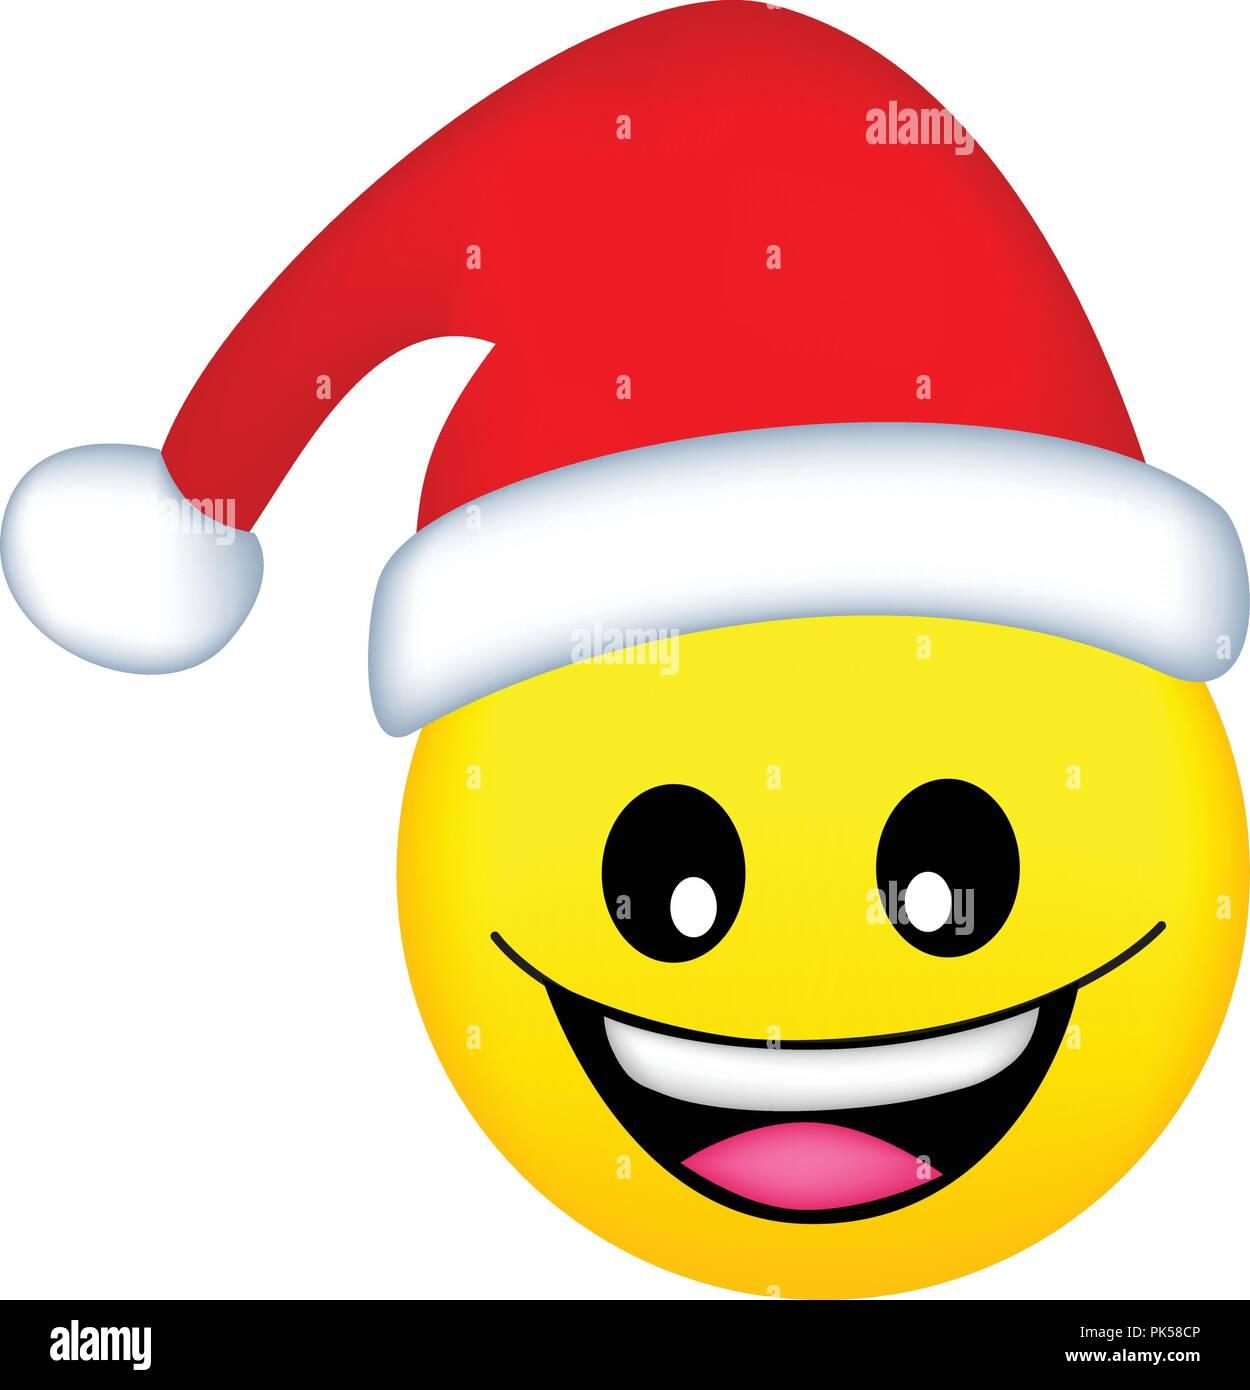 Cute smiley emoticons face vector santa stock vector art illustration vector image - Emoticone kawaii ...